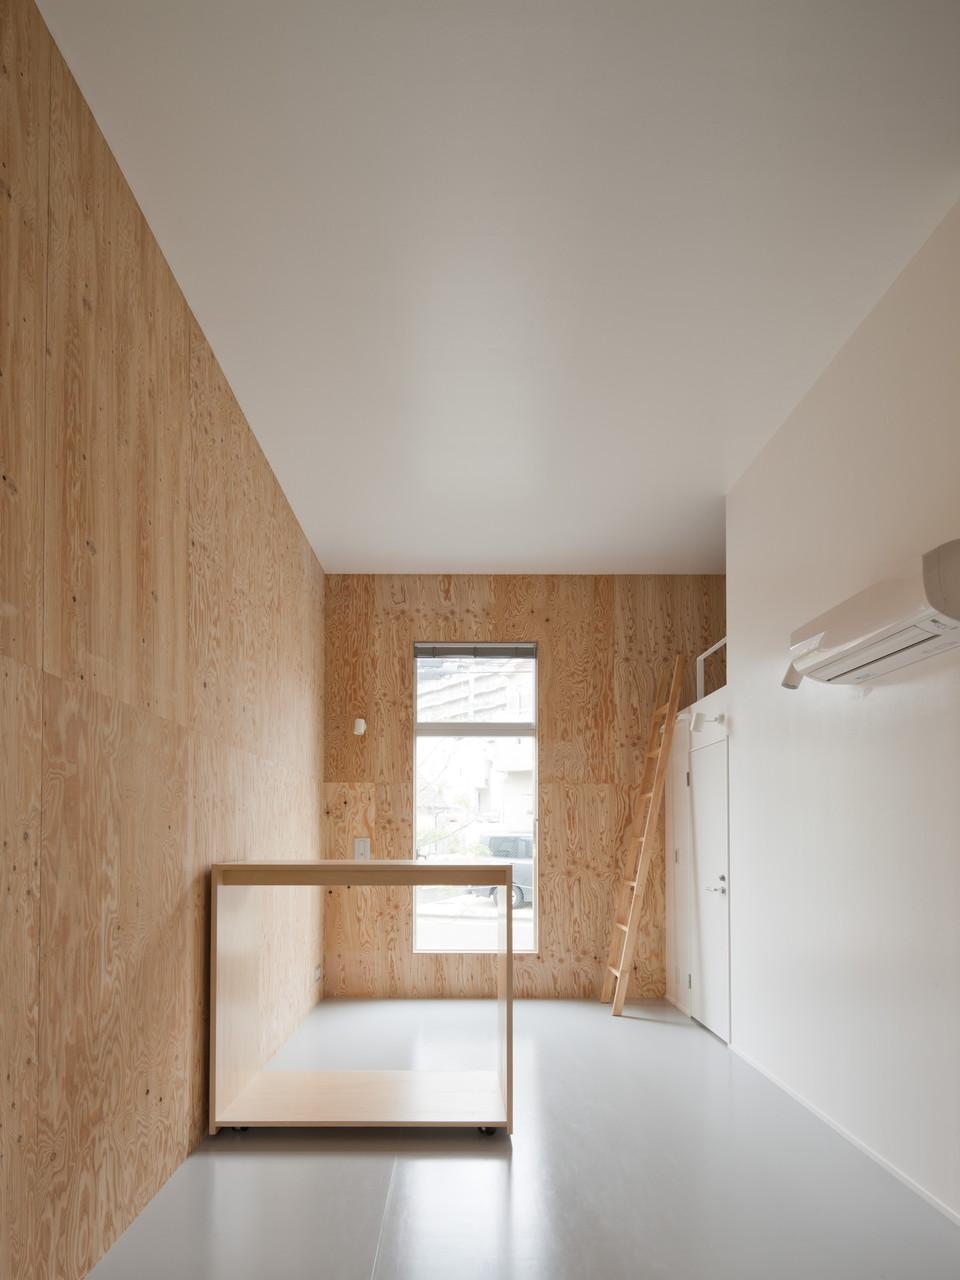 部屋は木で囲まれた気持ちの良いデザイン。可動式収納を使って仕切る等の工夫もできそう